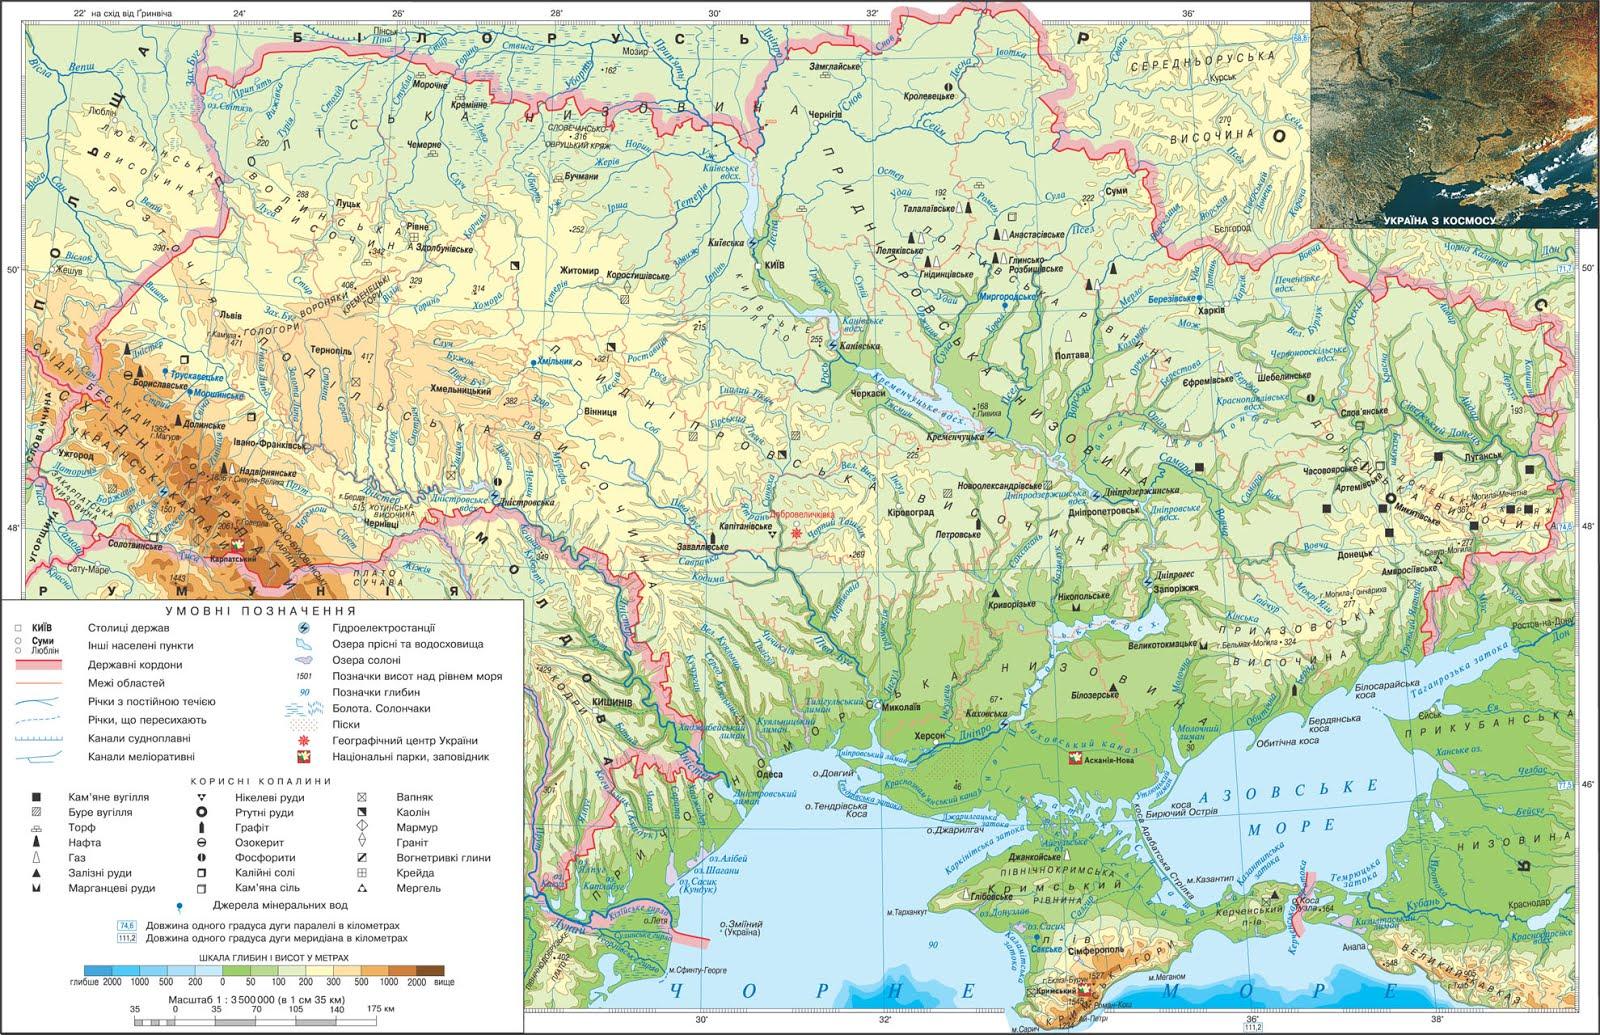 Карта Рек Днепр И Дунай Для Навител